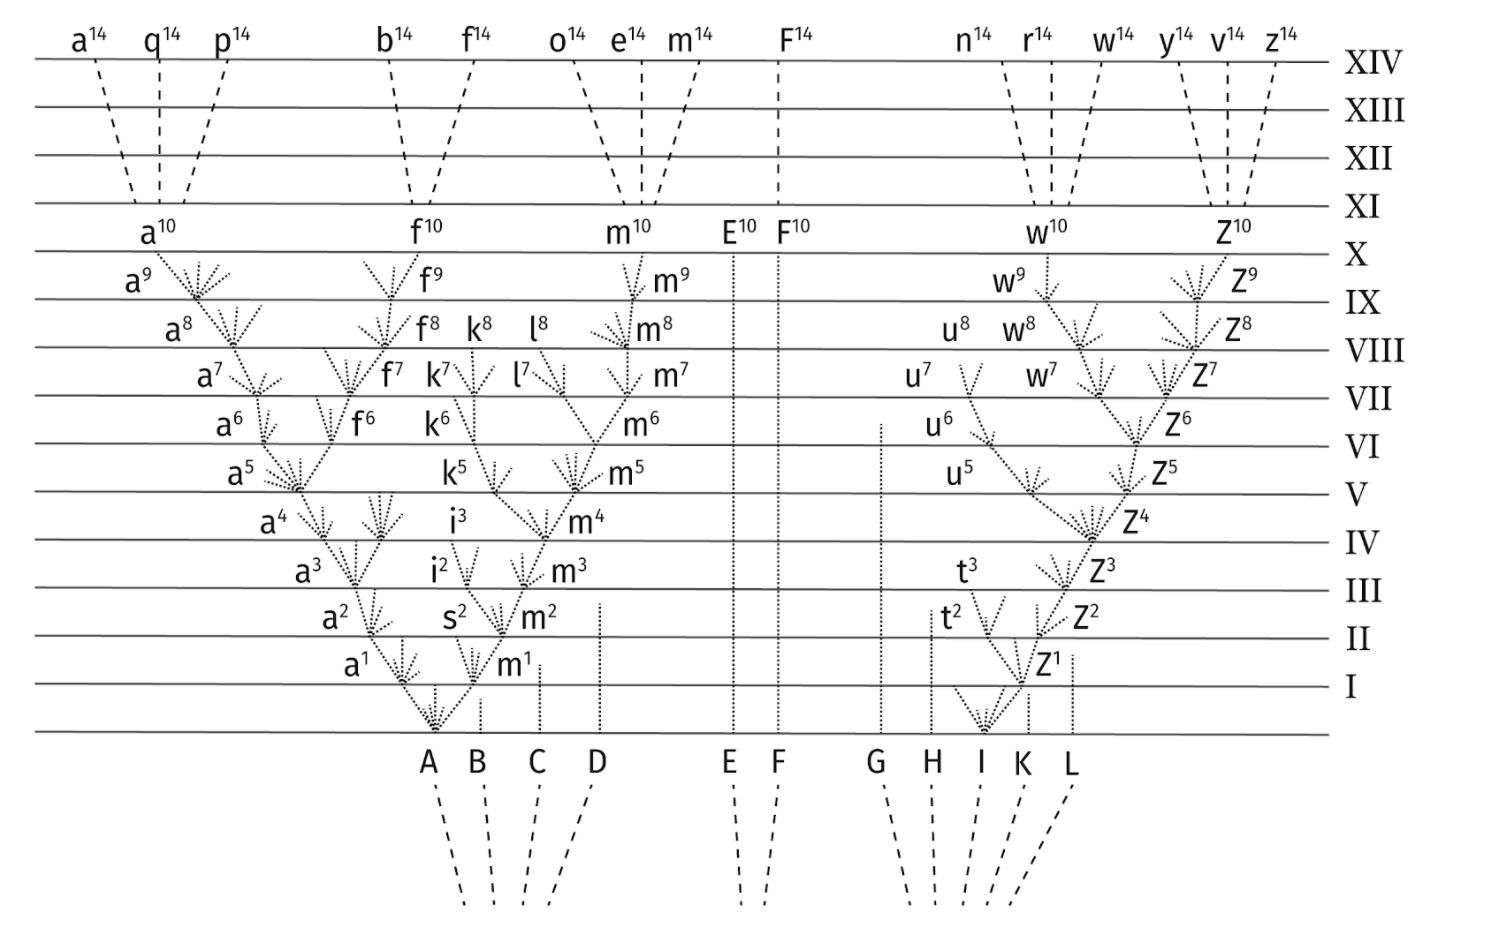 Le principe de descendance avec modifications à l'origine de l'évolution de l'œil.